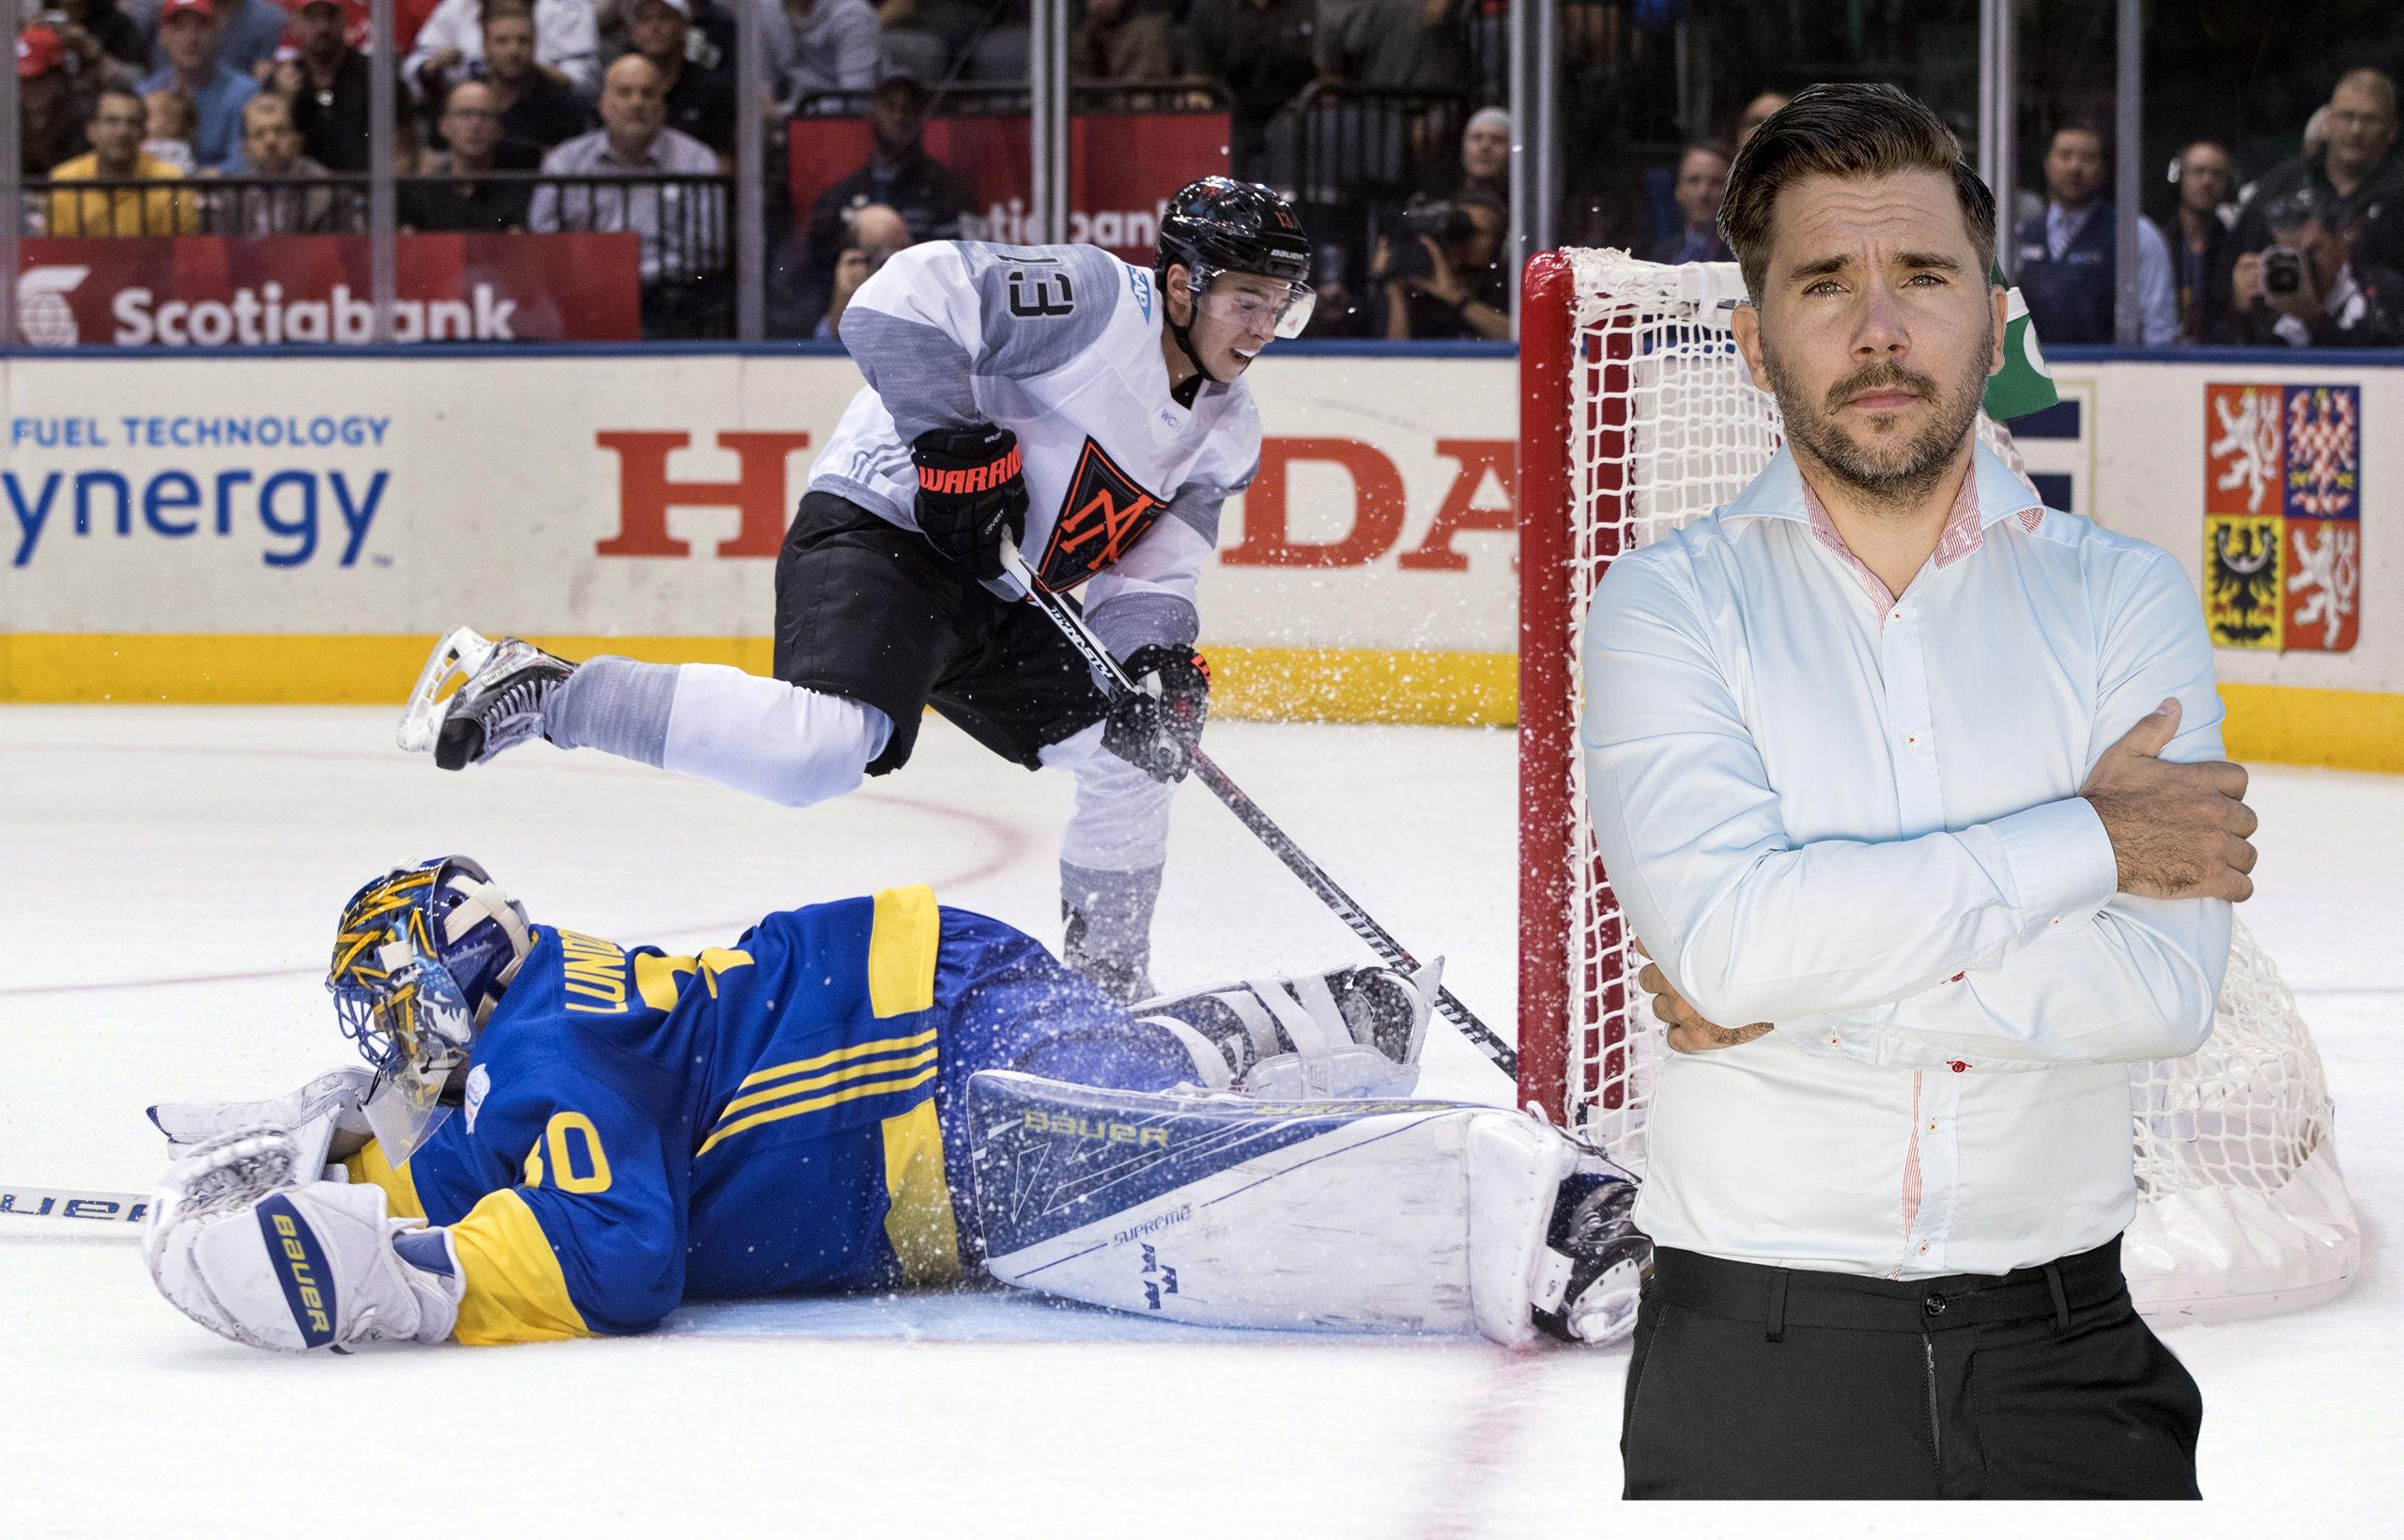 Backstrom ordnade segern at finland